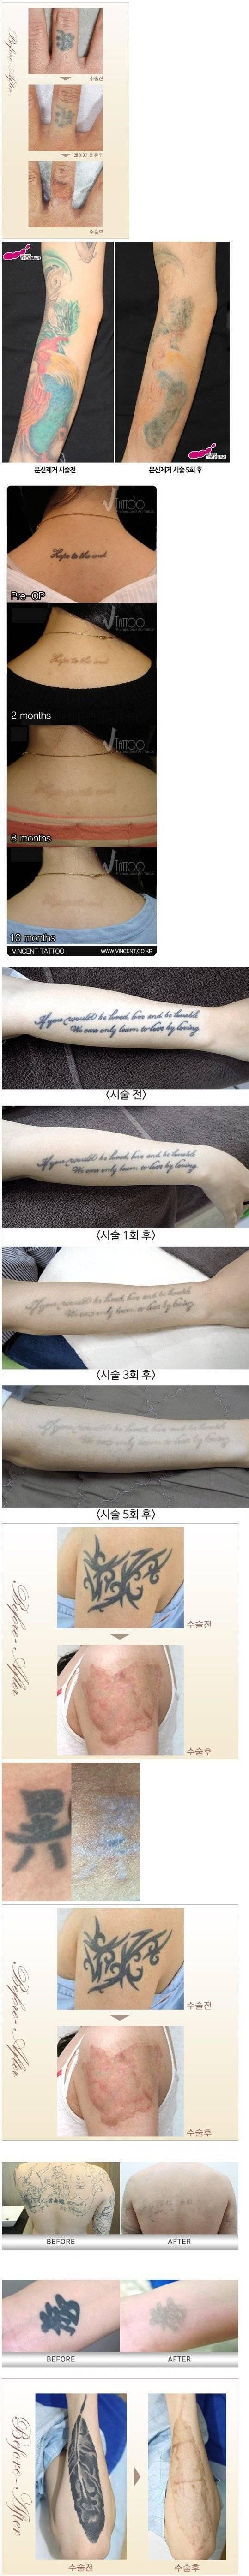 문신을 하지 말아야 하는 이유 (혐오주의)   인스티즈